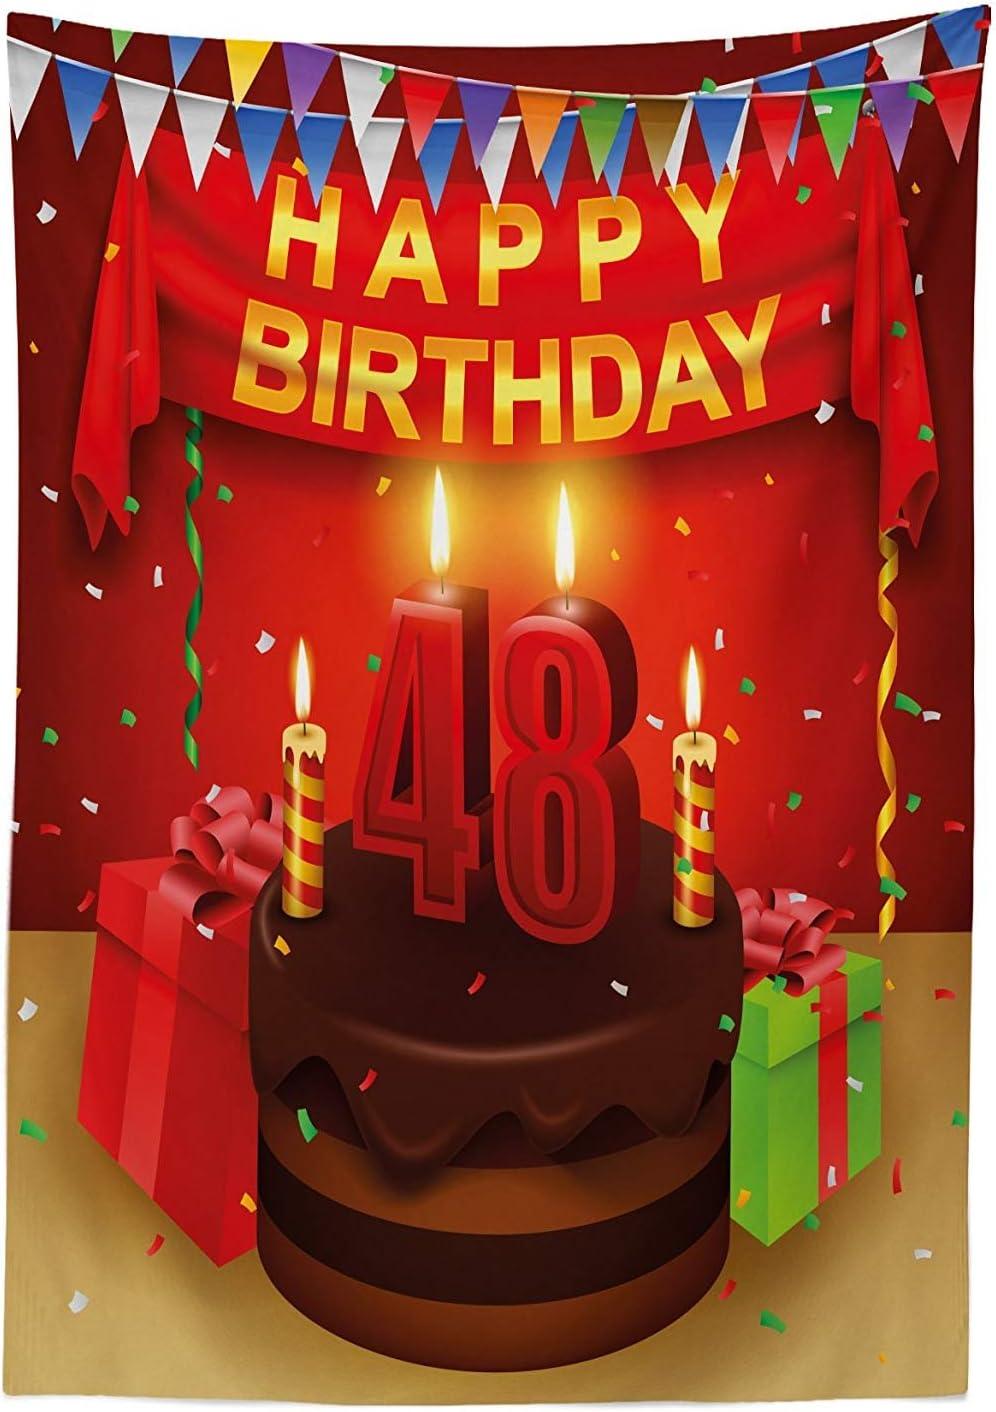 Yeuss 48 cumpleaños cumpleaños Mantel, Presenta Velas de Pastel de Chocolate Fiesta Bandera Artsy diseño de impresión, Decorativo Lavable Mesa de Picnic, Rojo marrón Lima, 60x104 Pulgadas: Amazon.es: Hogar